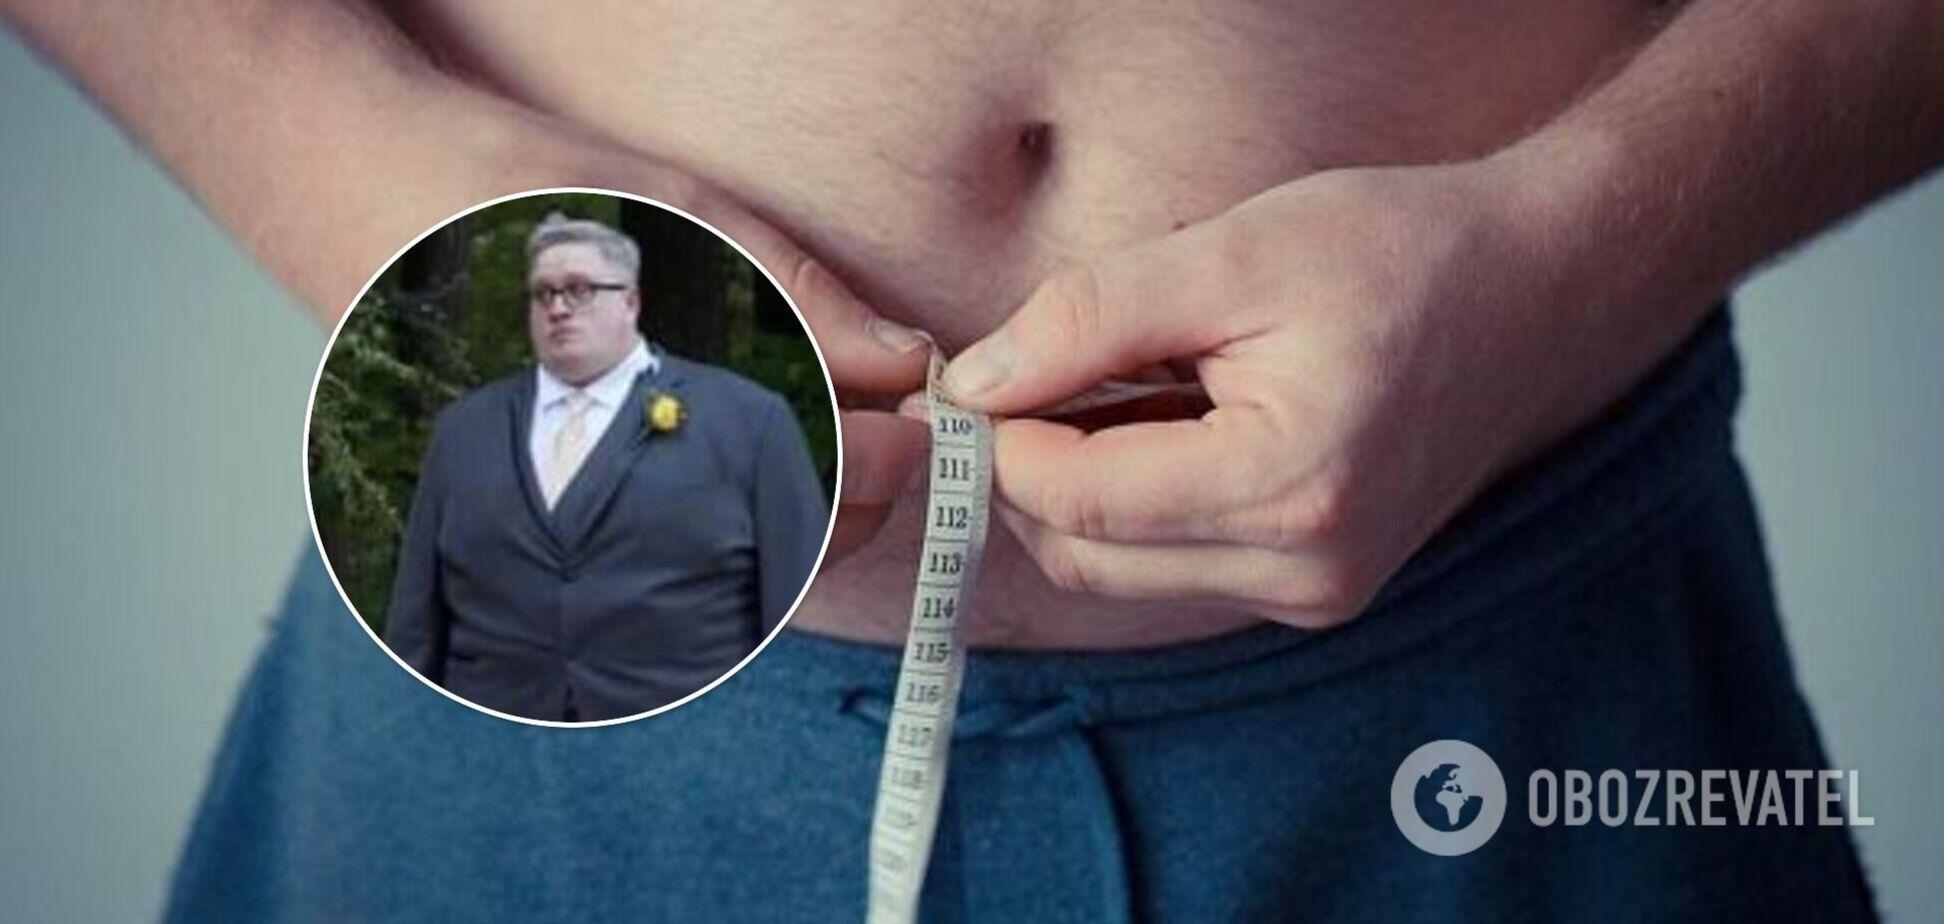 Чоловік скинув 172 кг без операцій і 'чарівних' таблеток: у чому суть. Фото до та після